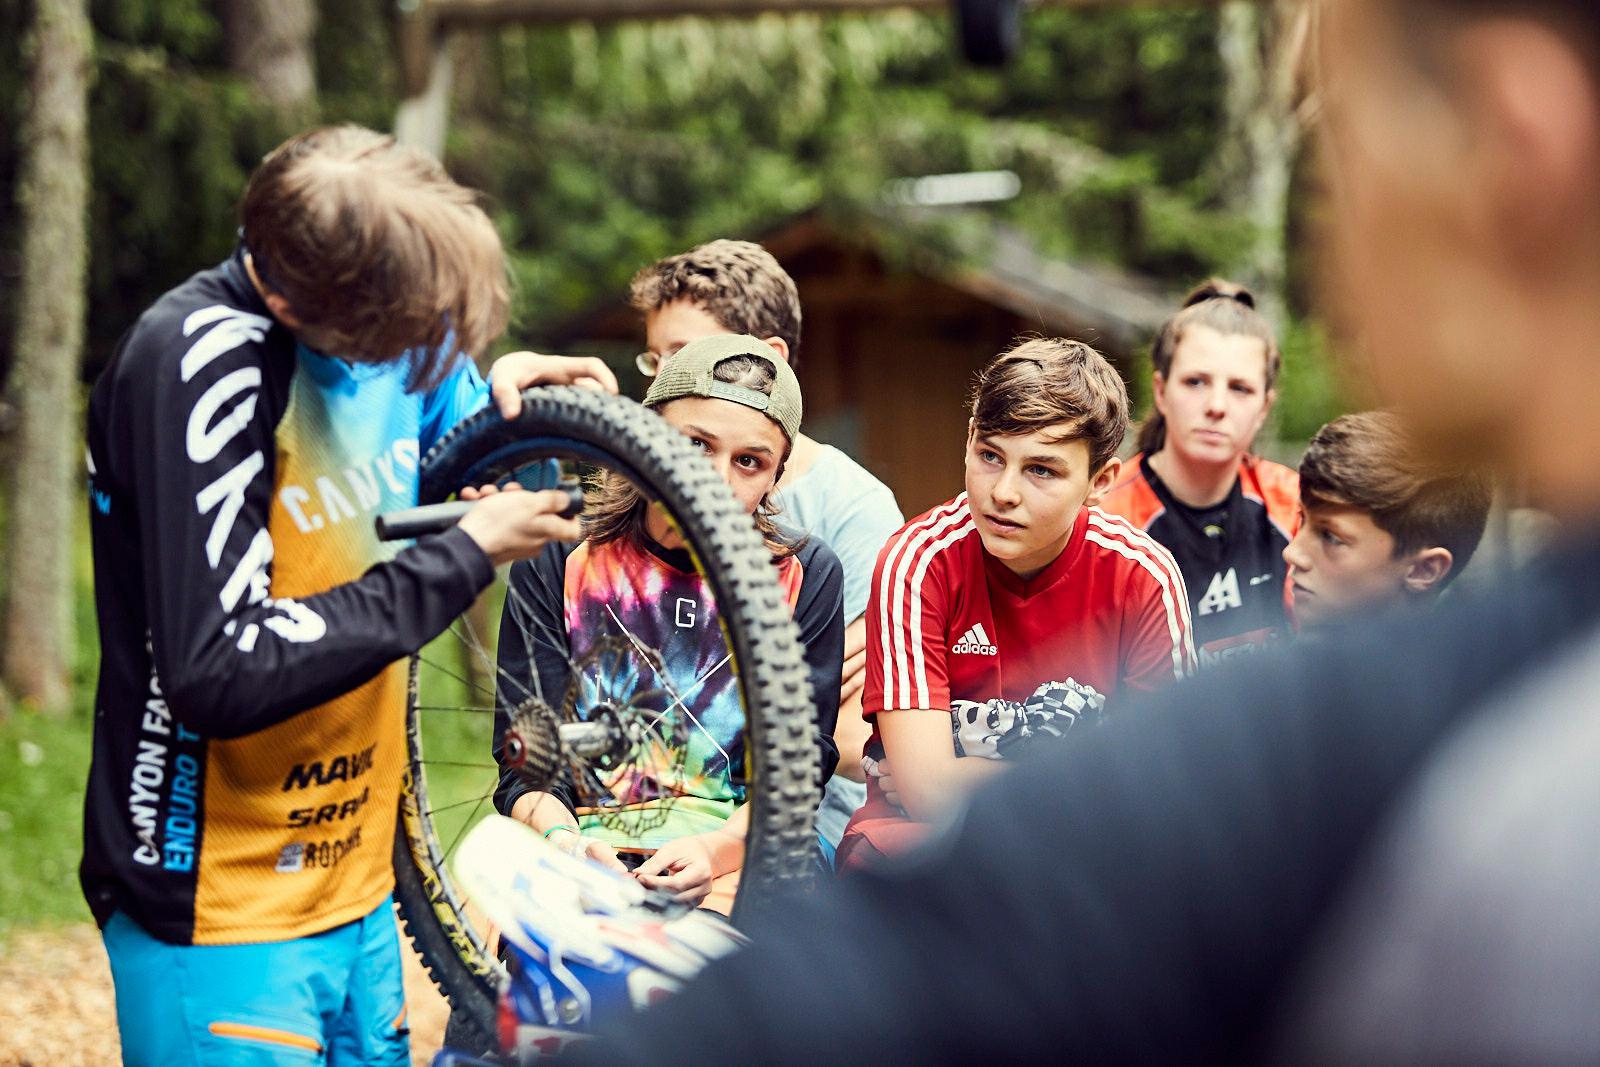 """""""Neben Bikepark-Touren, Rennvorbereitung und Enduro Training auf dem Frommestrail stand auch vielerlei andere Action auf dem Programm."""""""